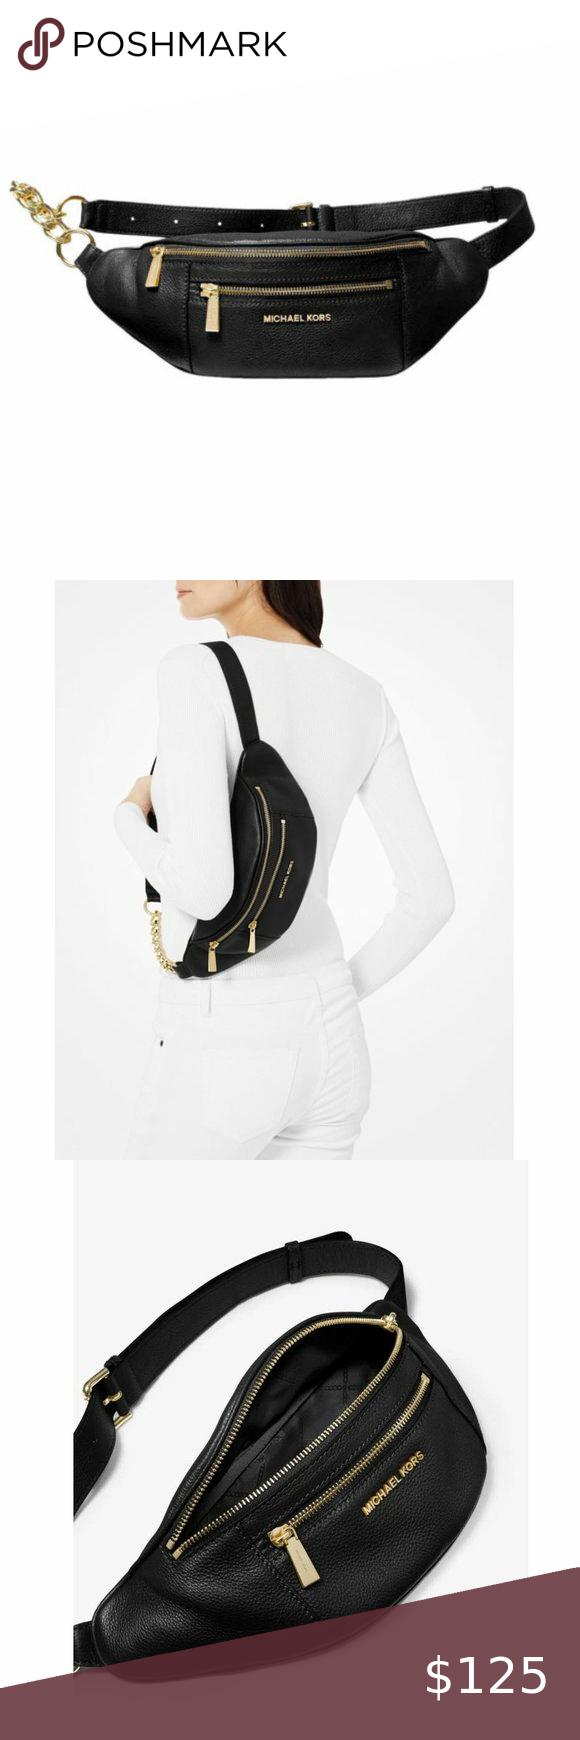 Michael Kors Mott Belt Bag Leather Crossbody Nwt In 2020 Belt Bag Leather Crossbody Leather Bag